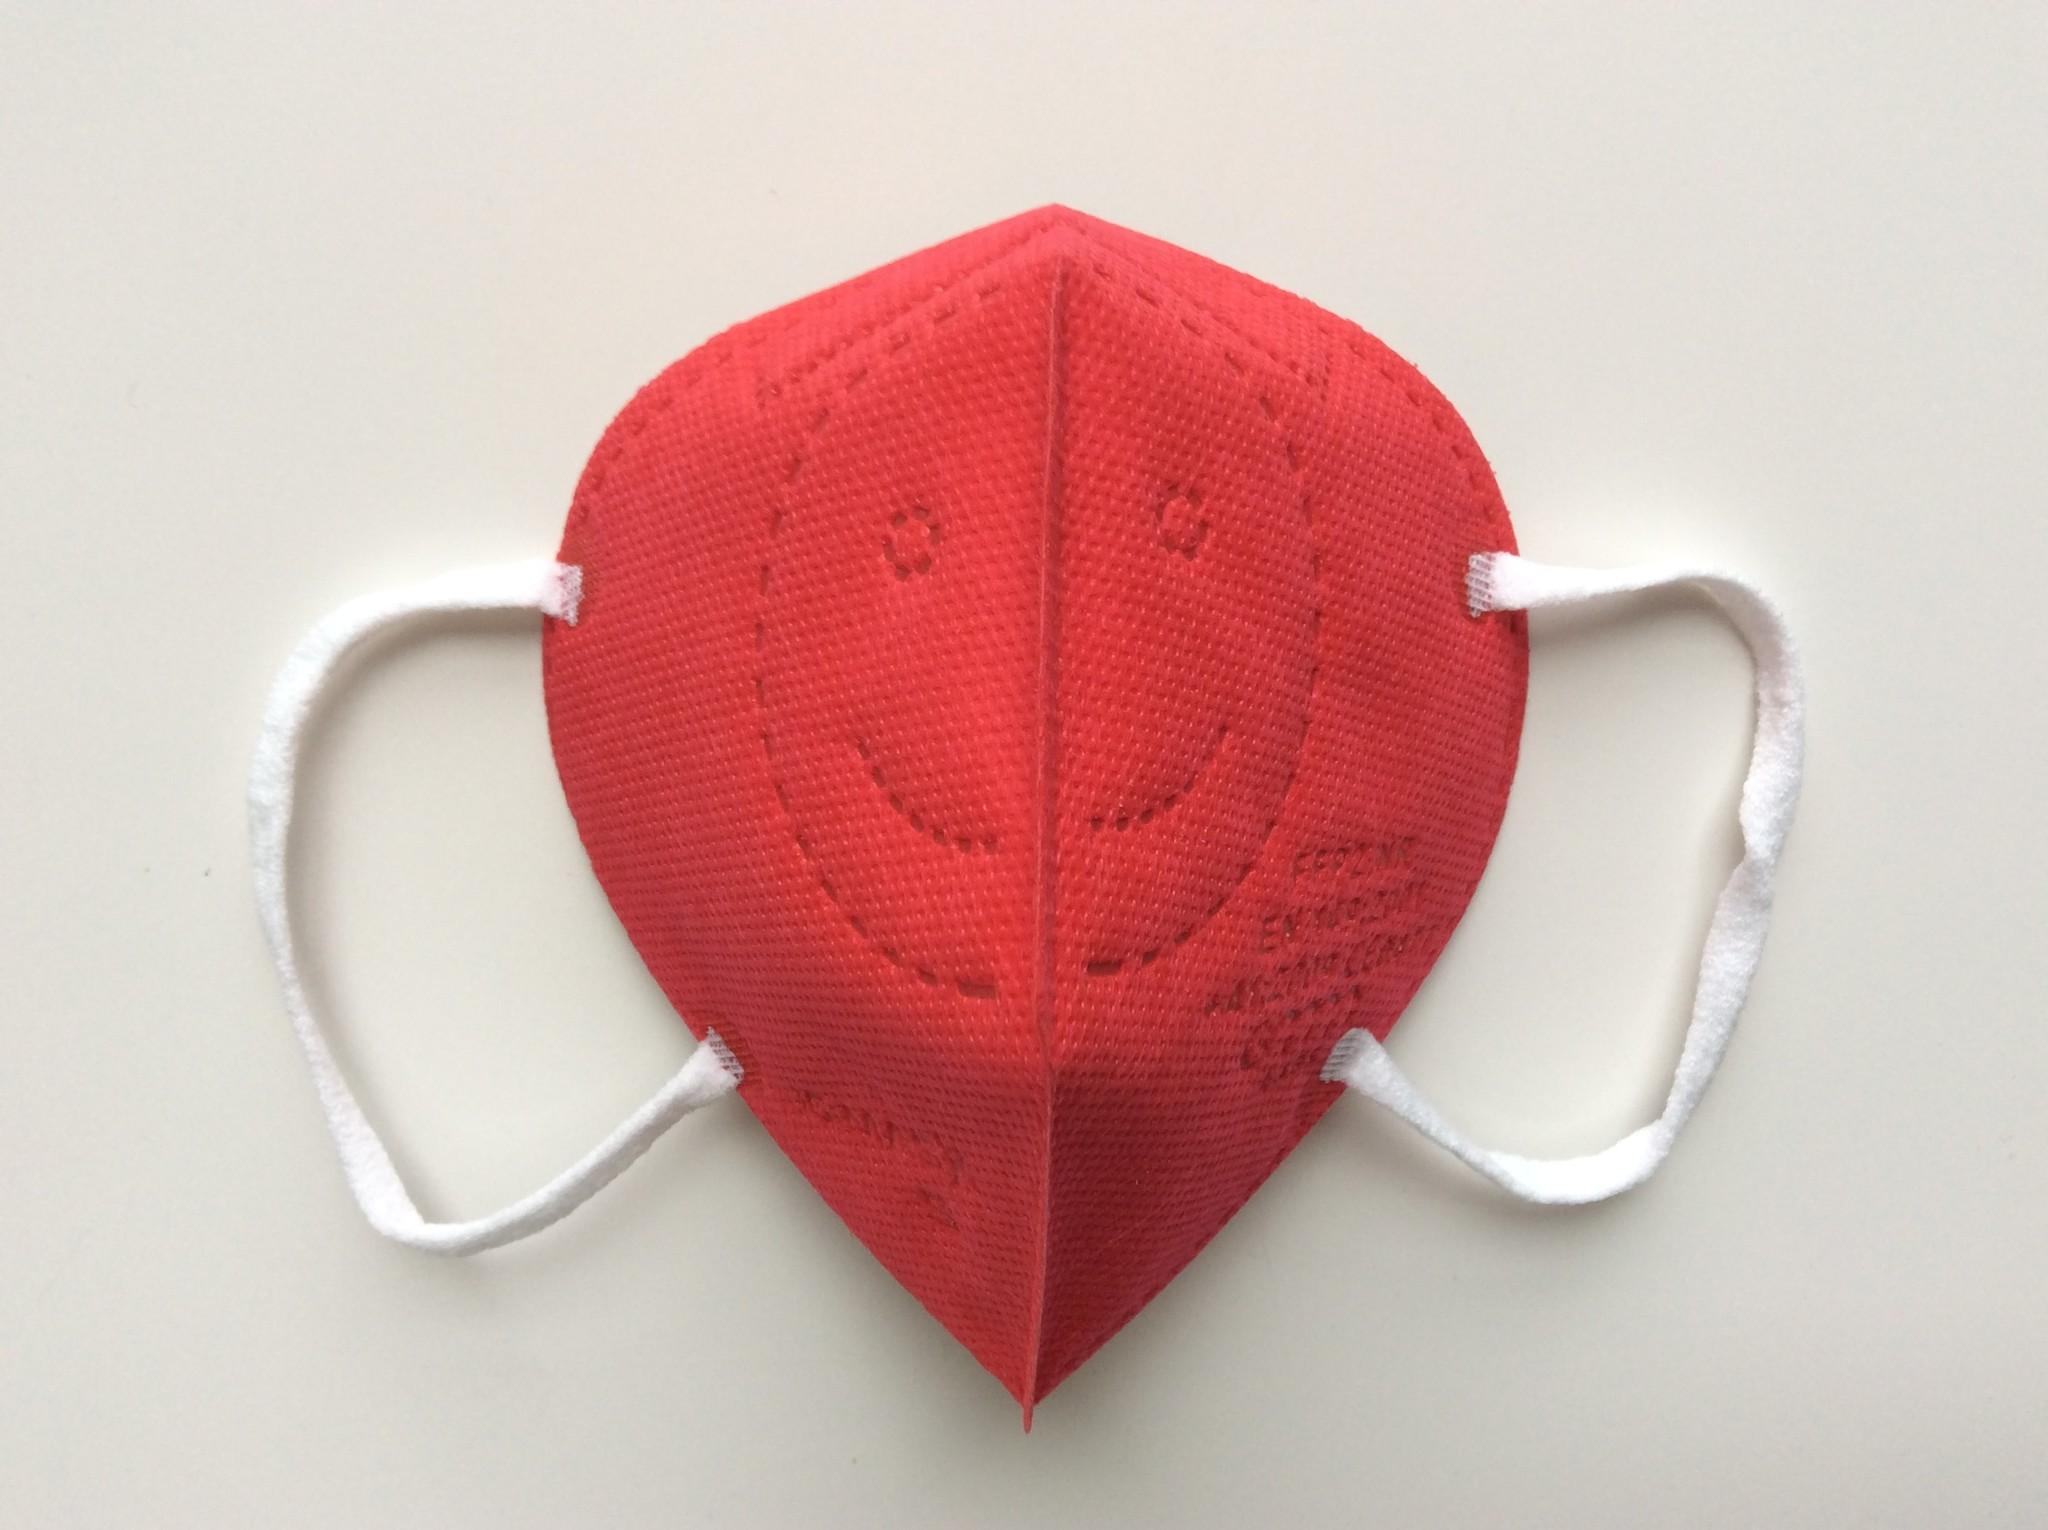 """IG-mask Masque IG """"FFP2"""" - Couleur Rouge - 5 pièces (2,99 par pièce)"""